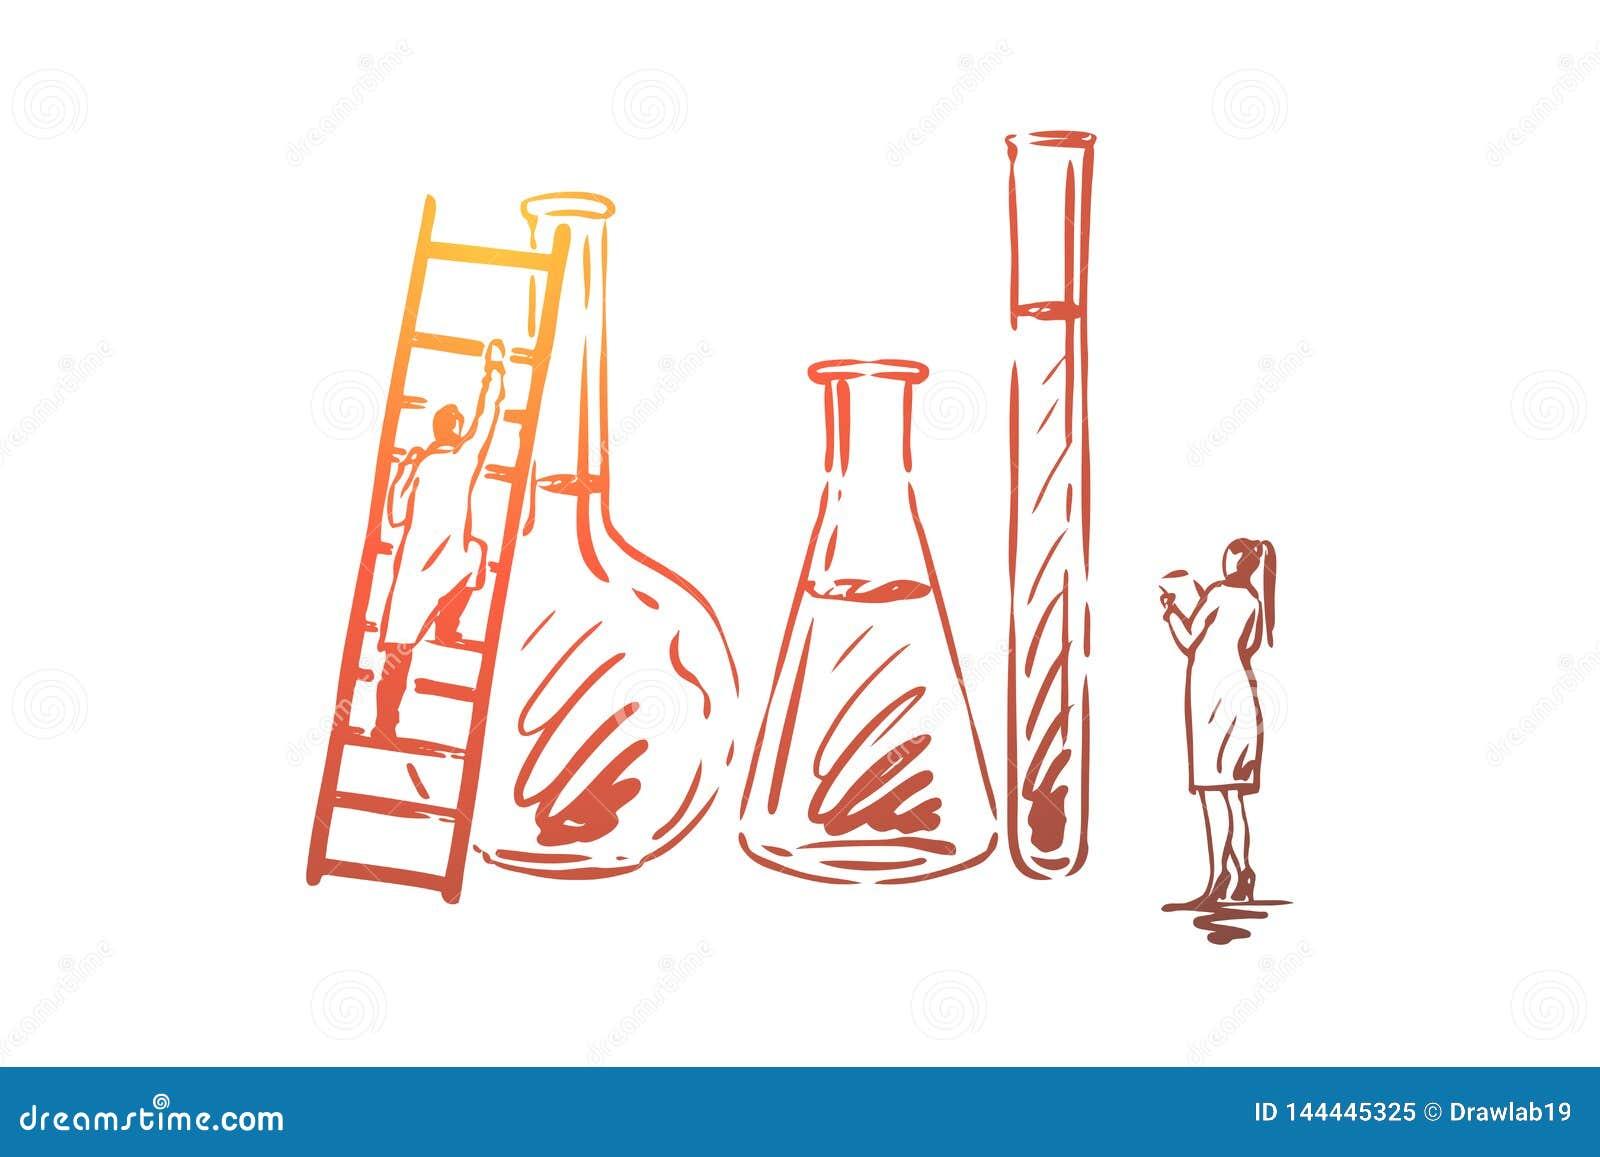 Vatten kemikalie, vetenskap, labb, vetenskapligt begrepp Hand dragen isolerad vektor